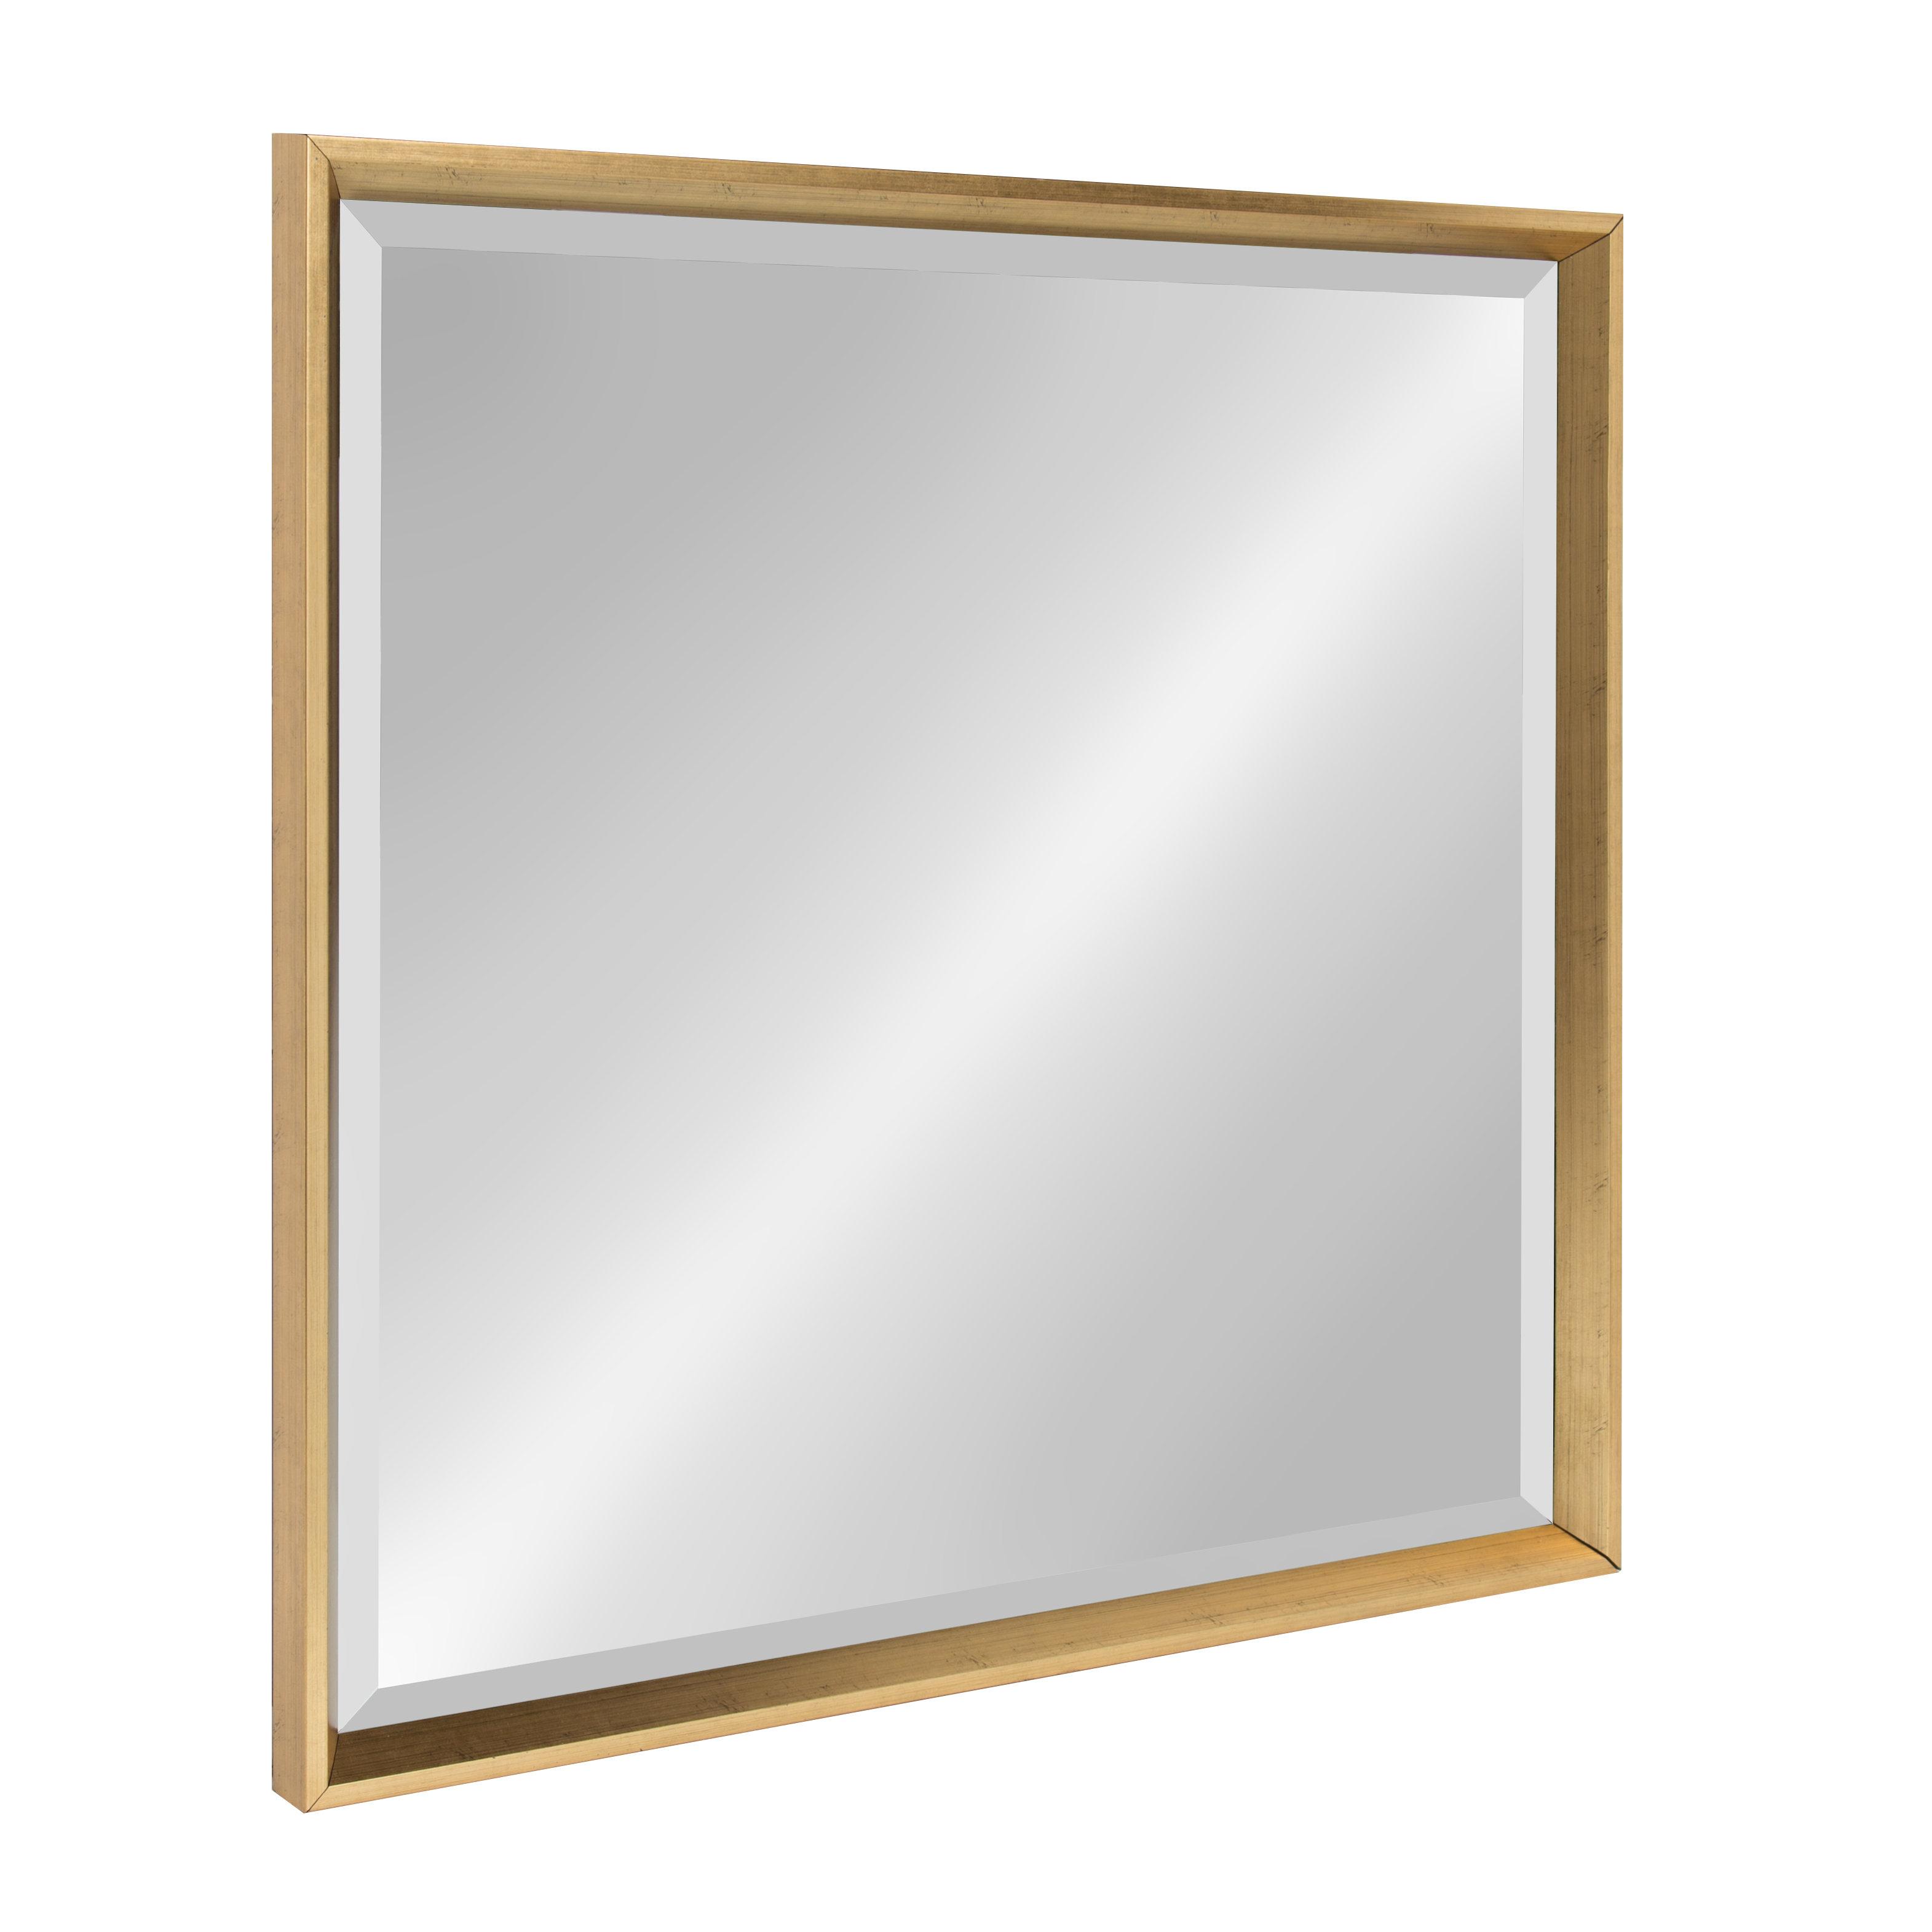 Sundown Framed Glam Beveled Accent Mirror Within Glam Beveled Accent Mirrors (View 13 of 30)